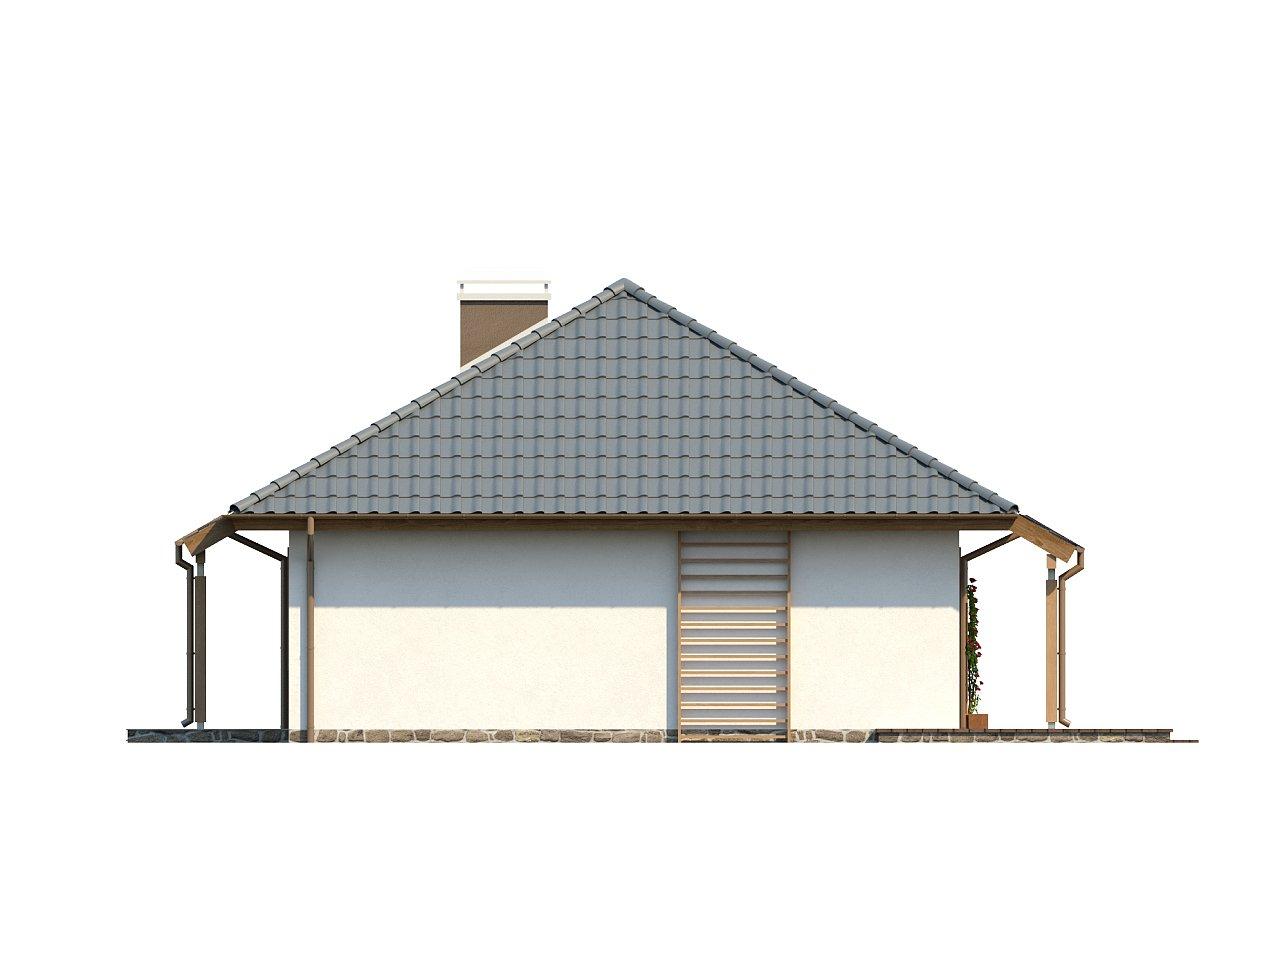 Проект практичного одноэтажного дома в традиционном стиле. - фото 16